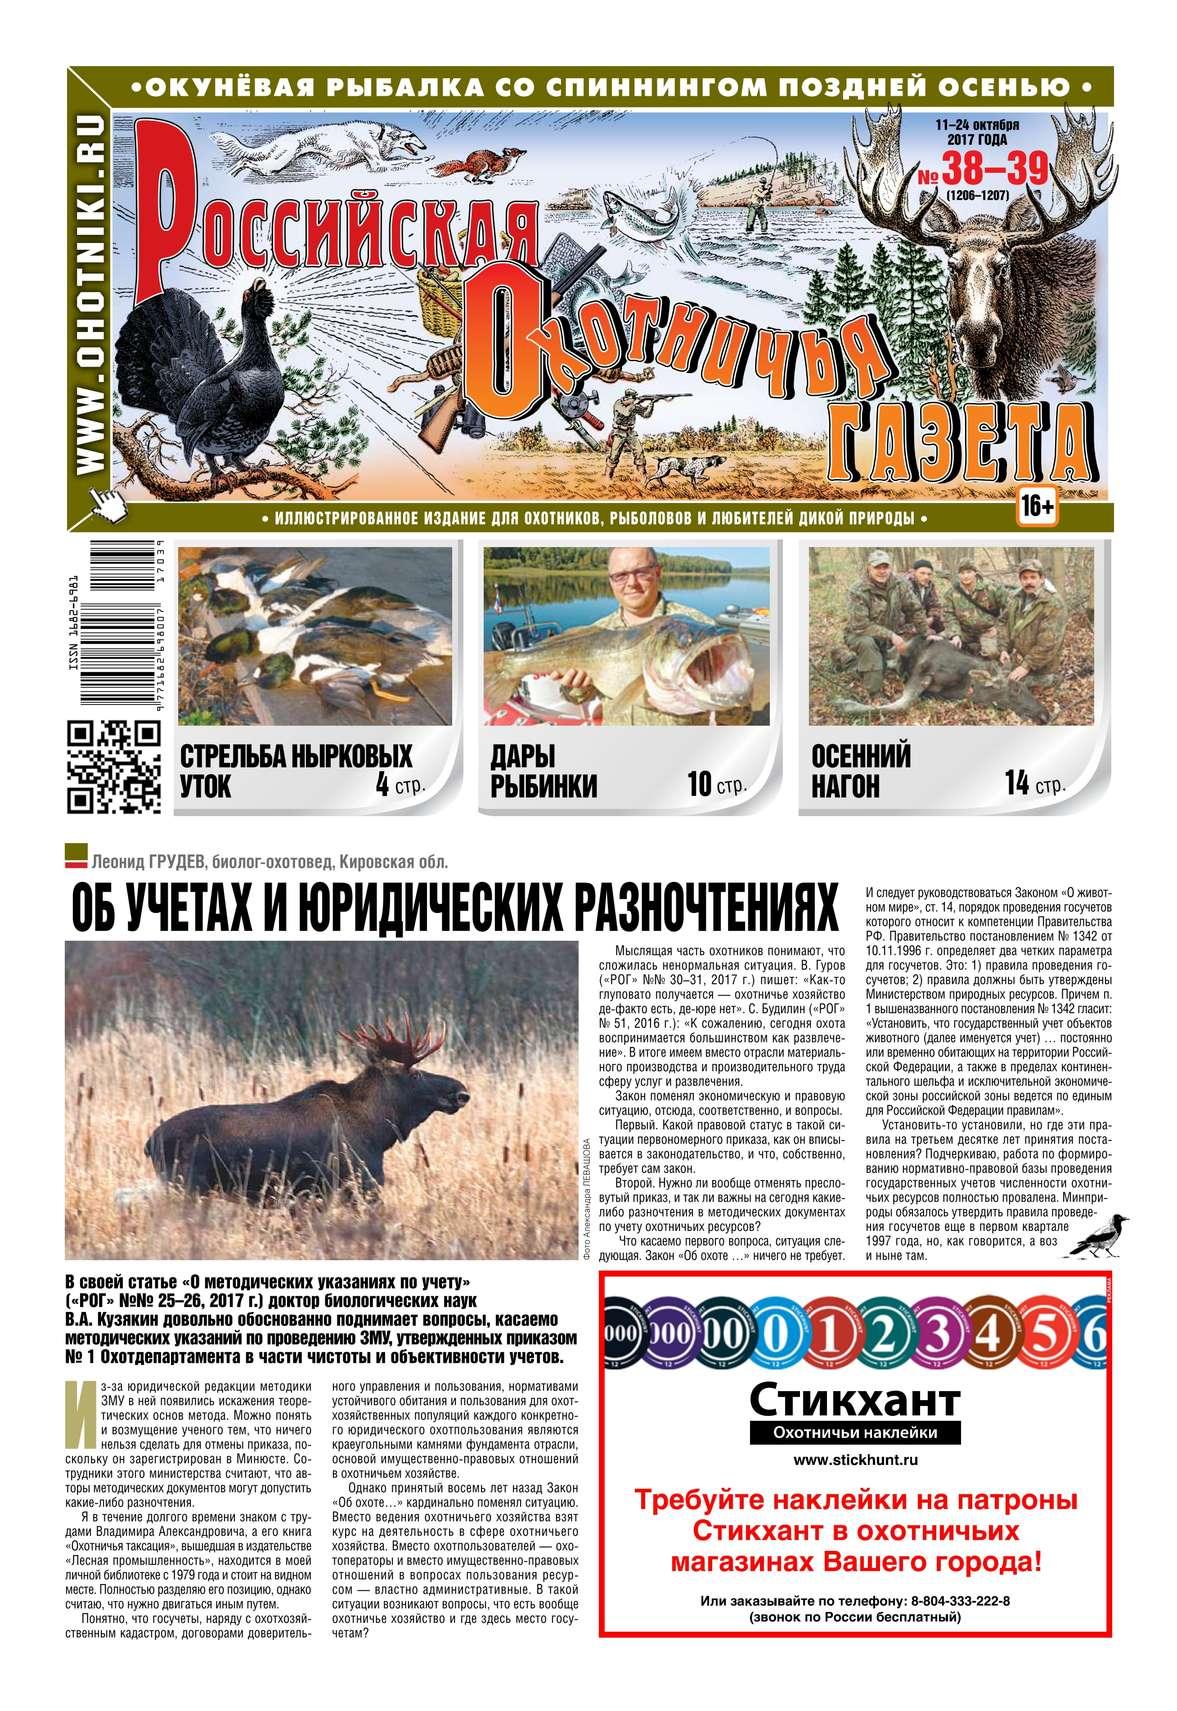 Редакция газеты Российская Охотничья Газета Российская Охотничья Газета 38-39-2017 цены